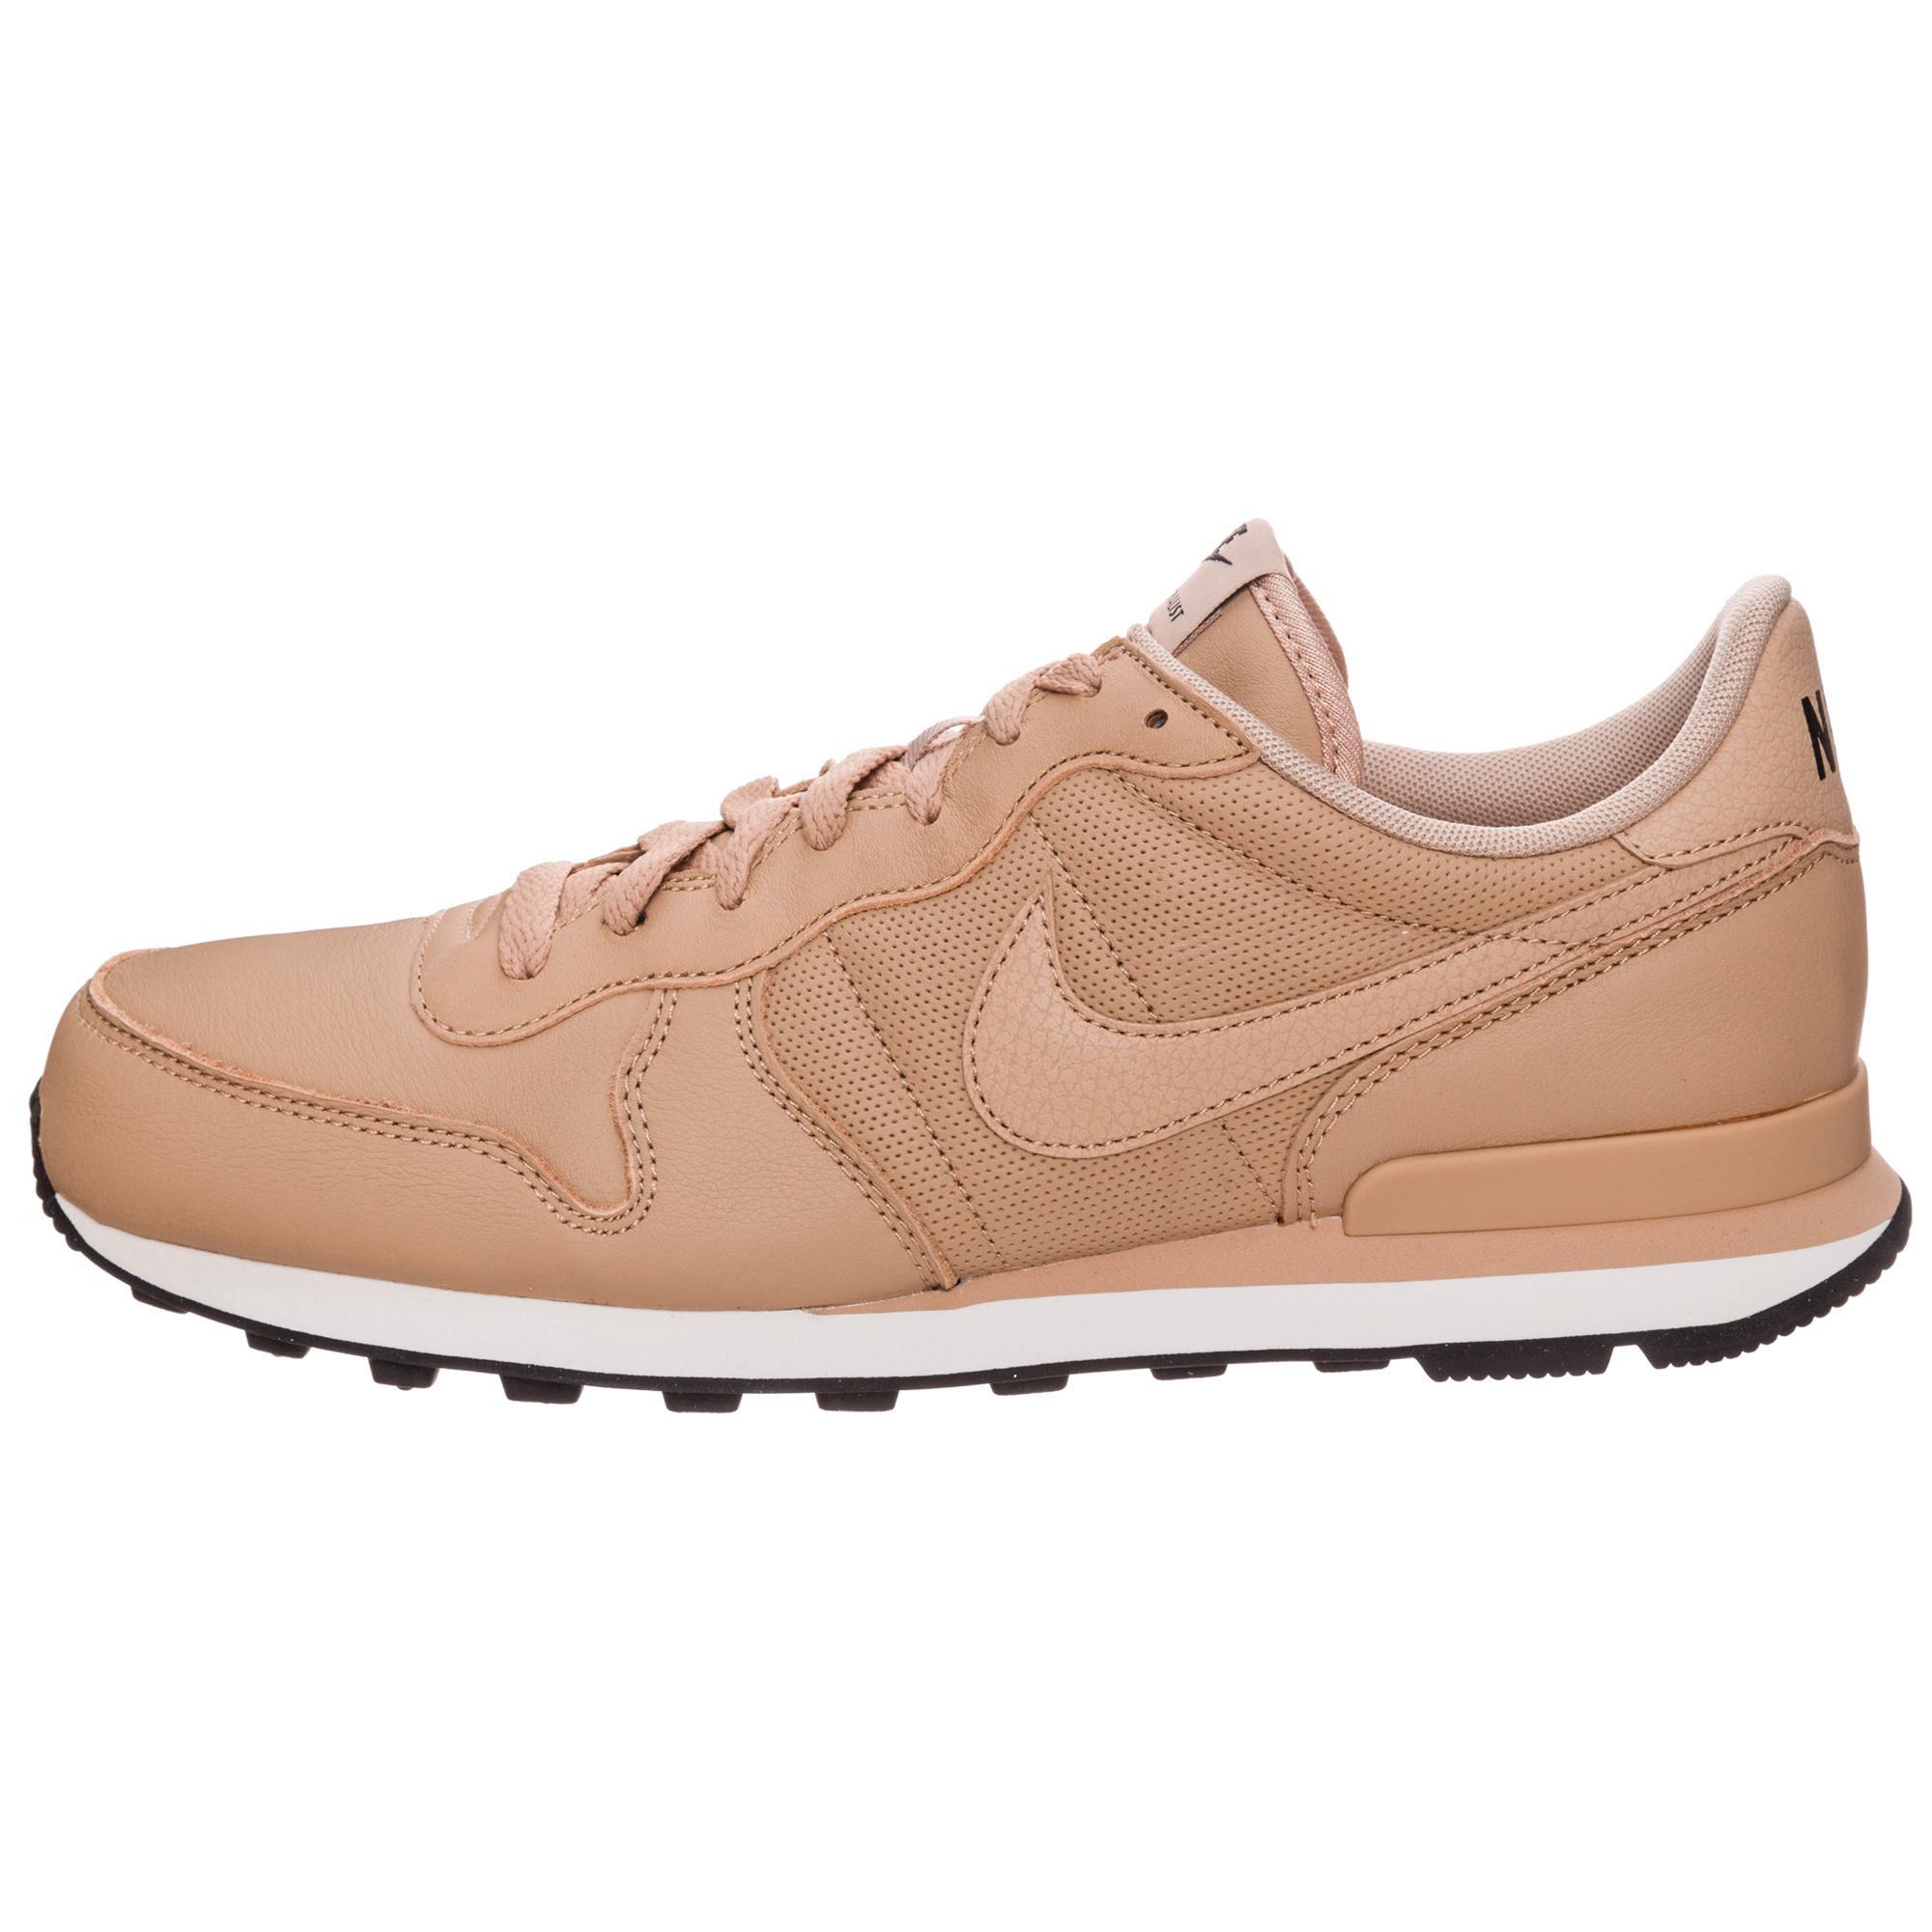 Nike Internationalist Turnschuhe Herren hellbraun im Online Shop von SportScheck SportScheck SportScheck kaufen Gute Qualität beliebte Schuhe f578a2